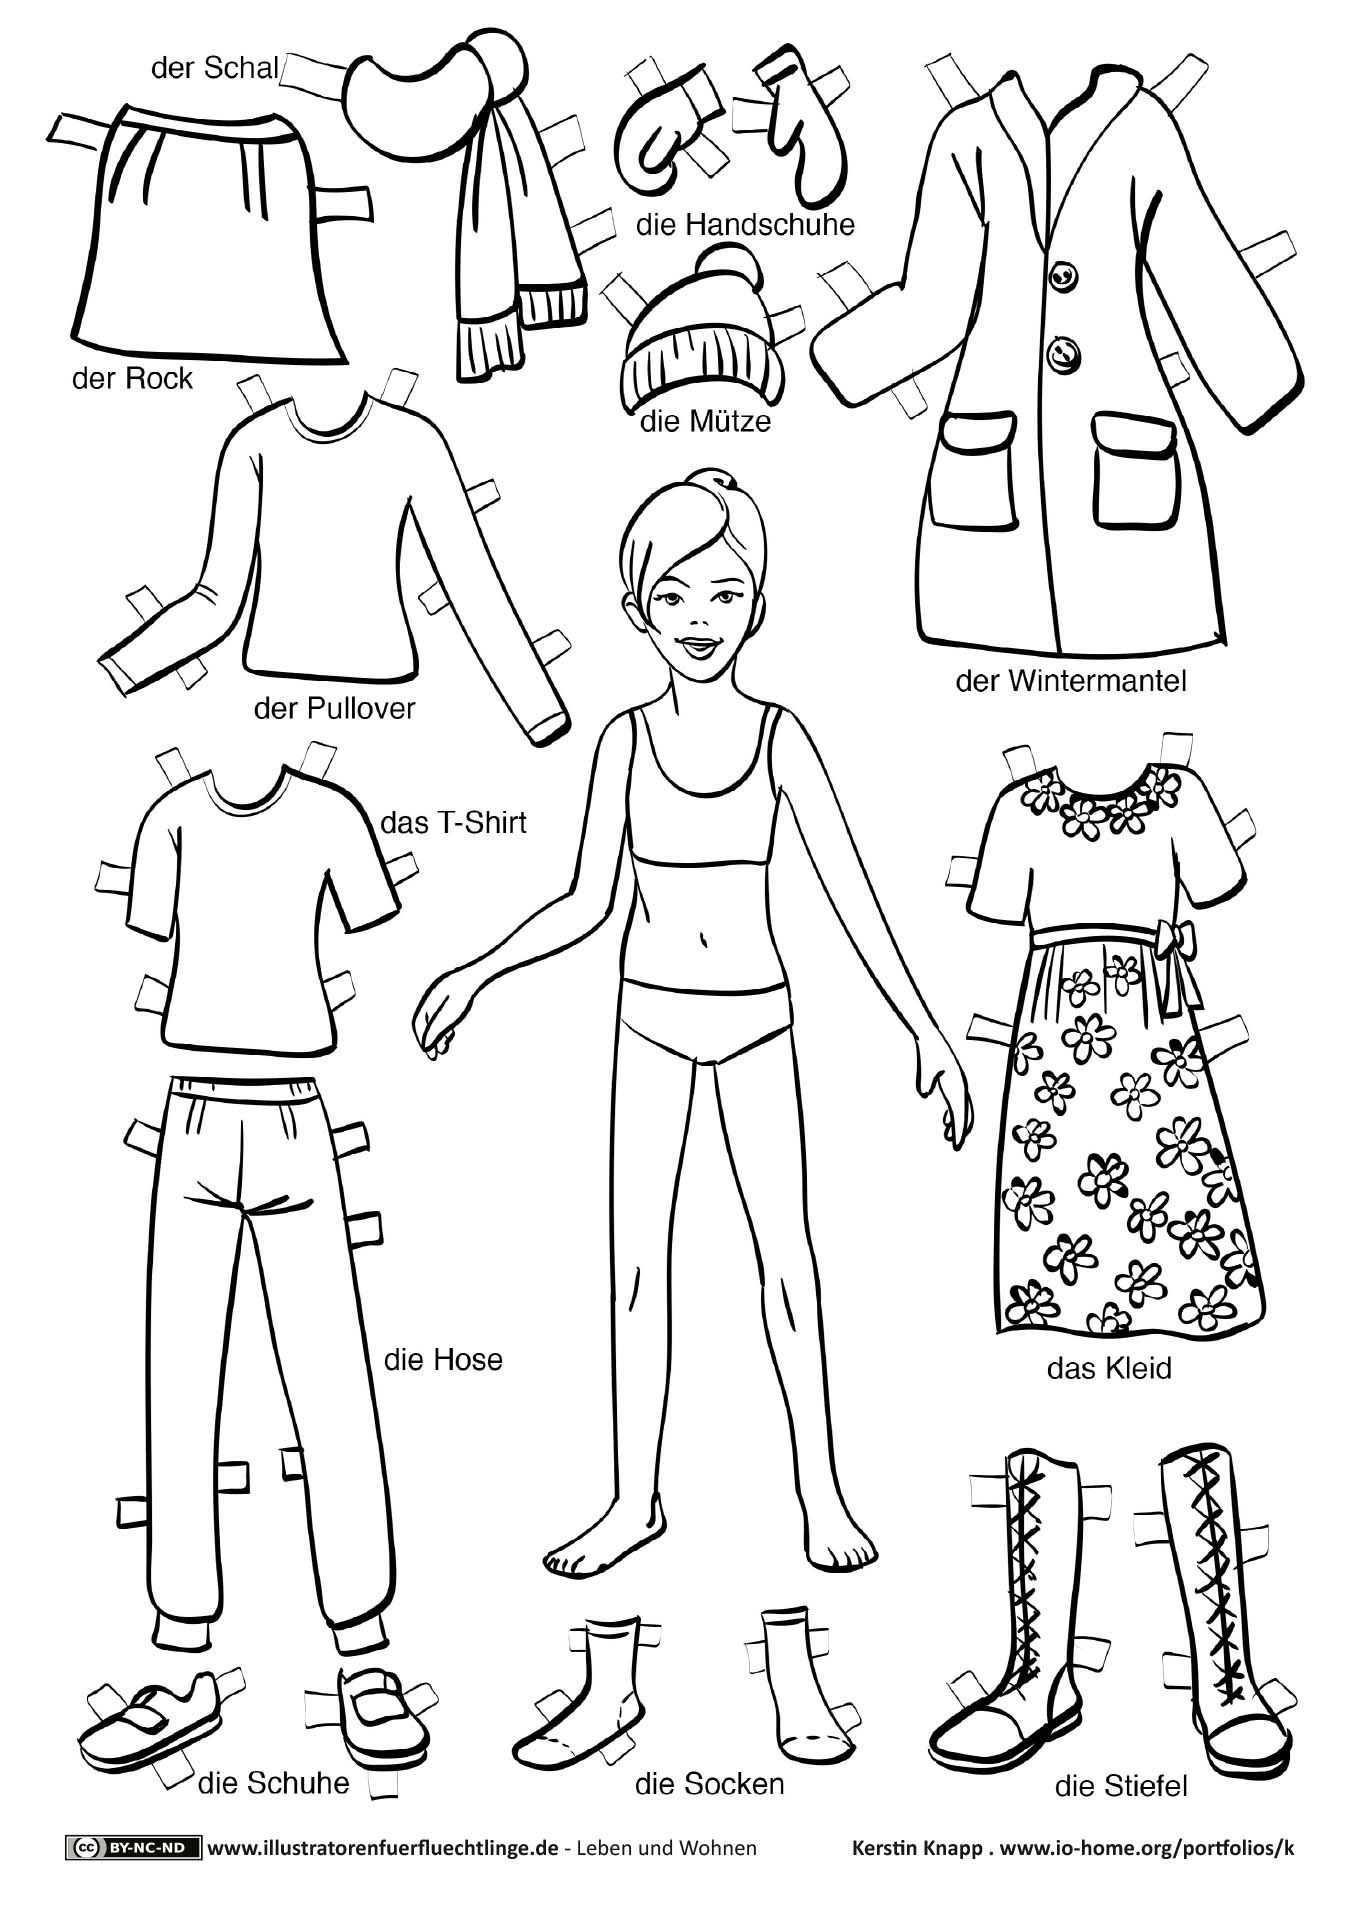 Download Als Pdf Leben Und Wohnen Kleidung Anziehpuppe Madchen Knapp Papierpuppen Papier Kleidung Puppen